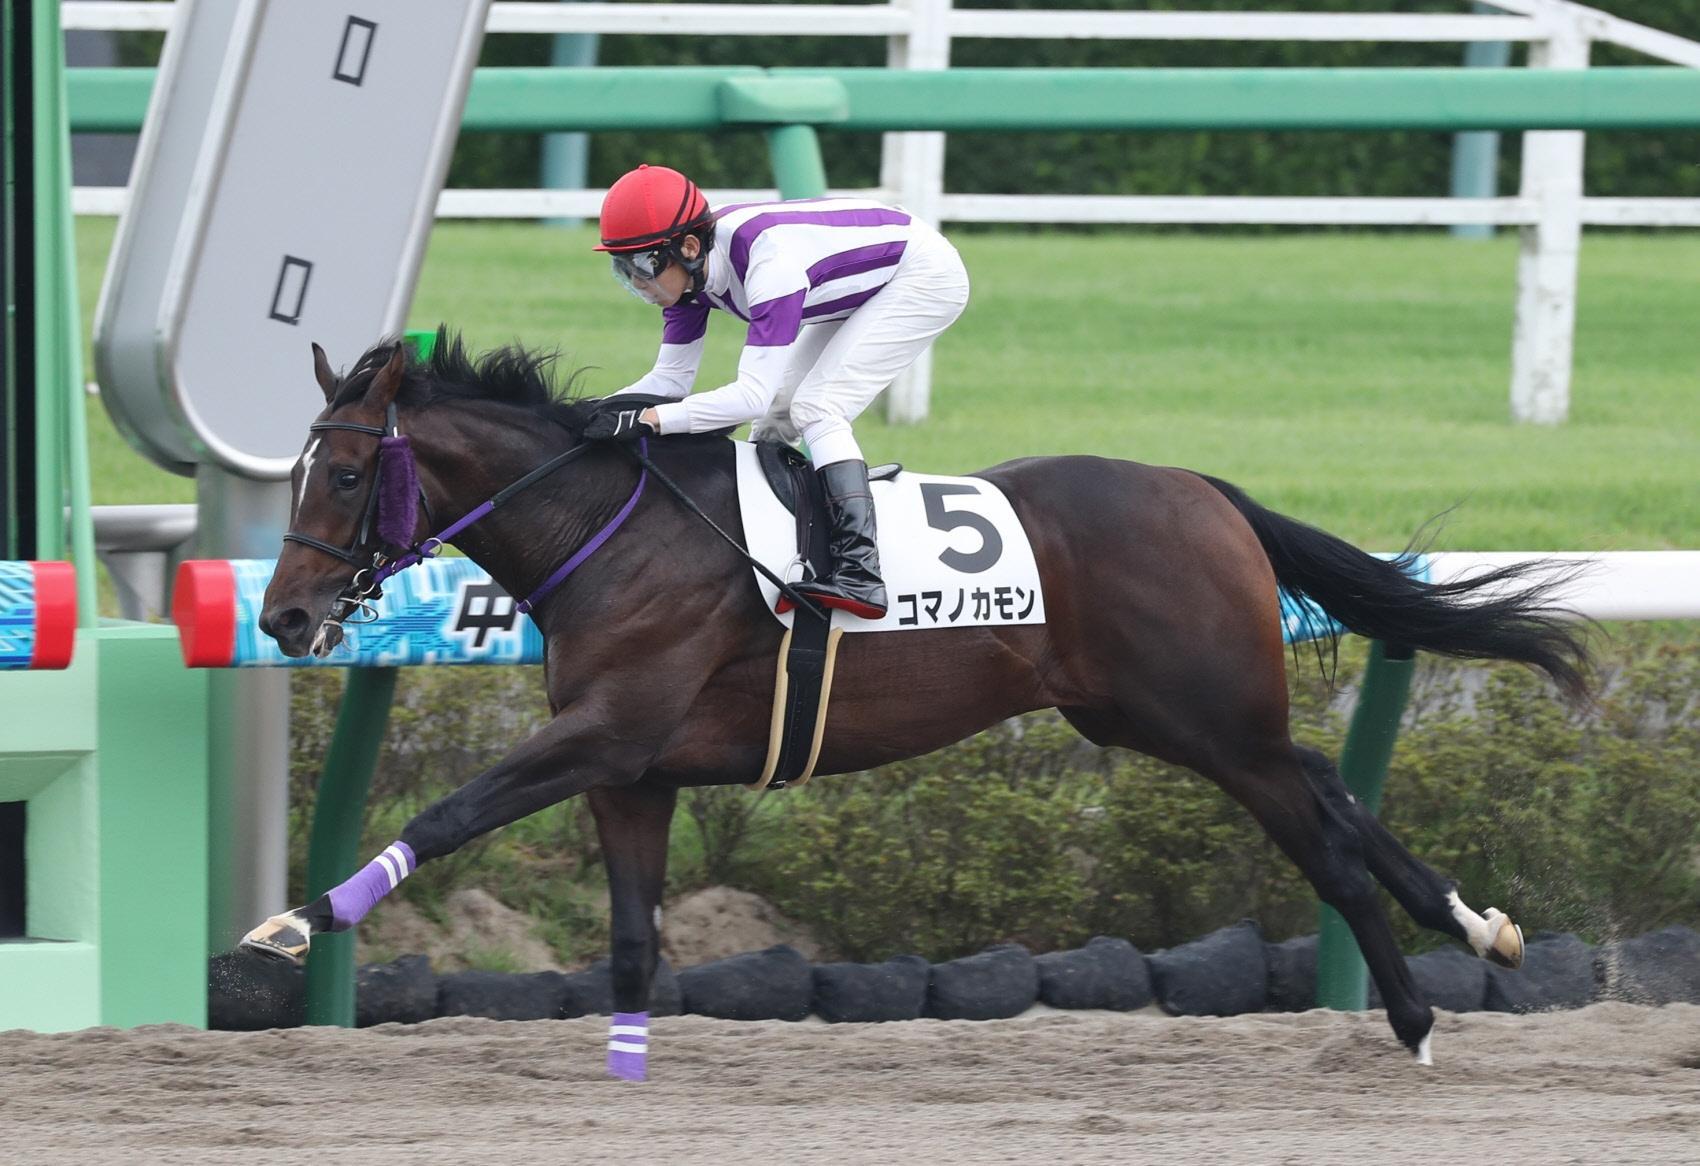 後続に4馬身差をつけて圧勝したコマノカモン